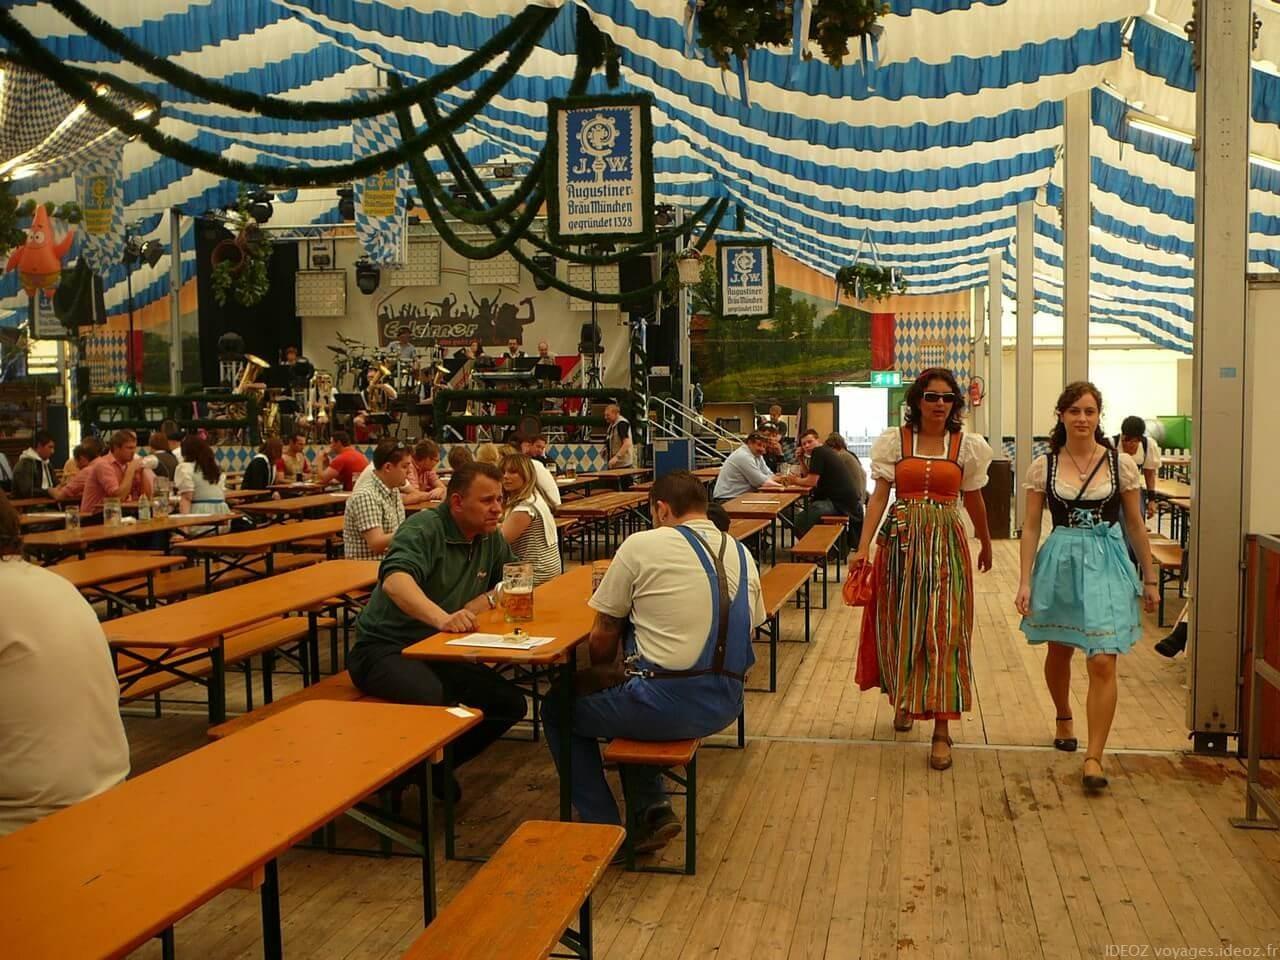 Femmes en costumes traditionnels bavarois à Fruhlingsfest à Munich